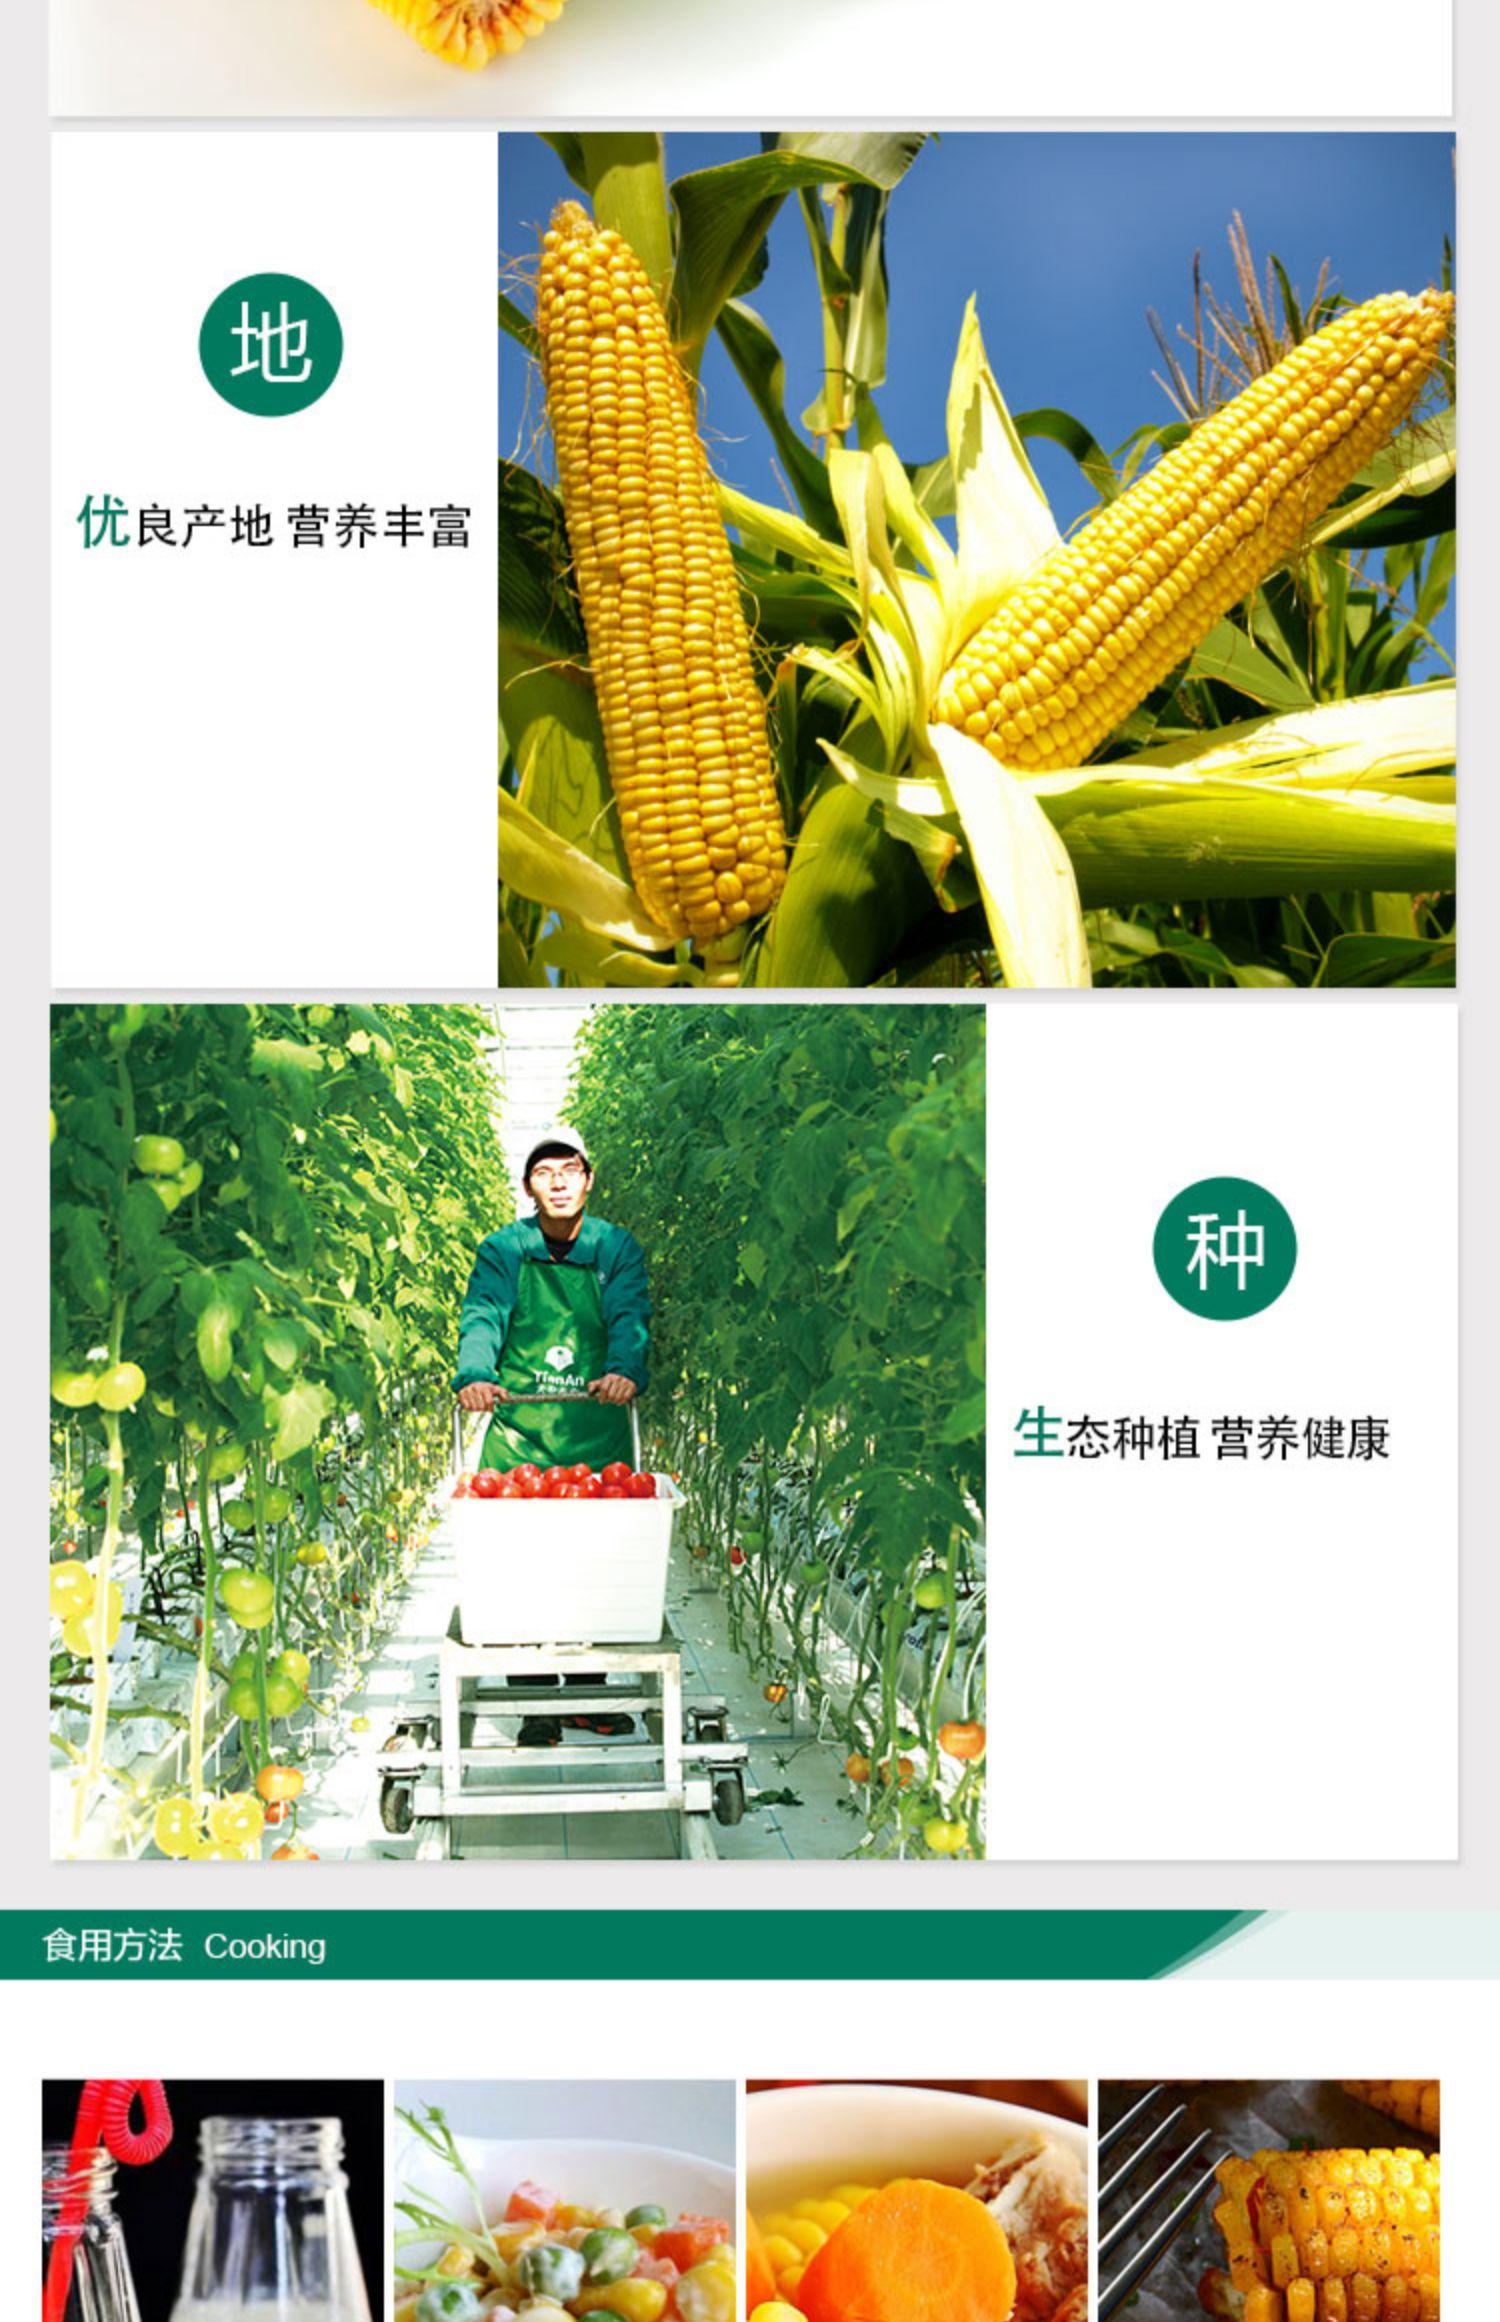 【小汤山】甜玉米 700g 新鲜蔬菜安全可追溯 年货礼盒定制商品详情图